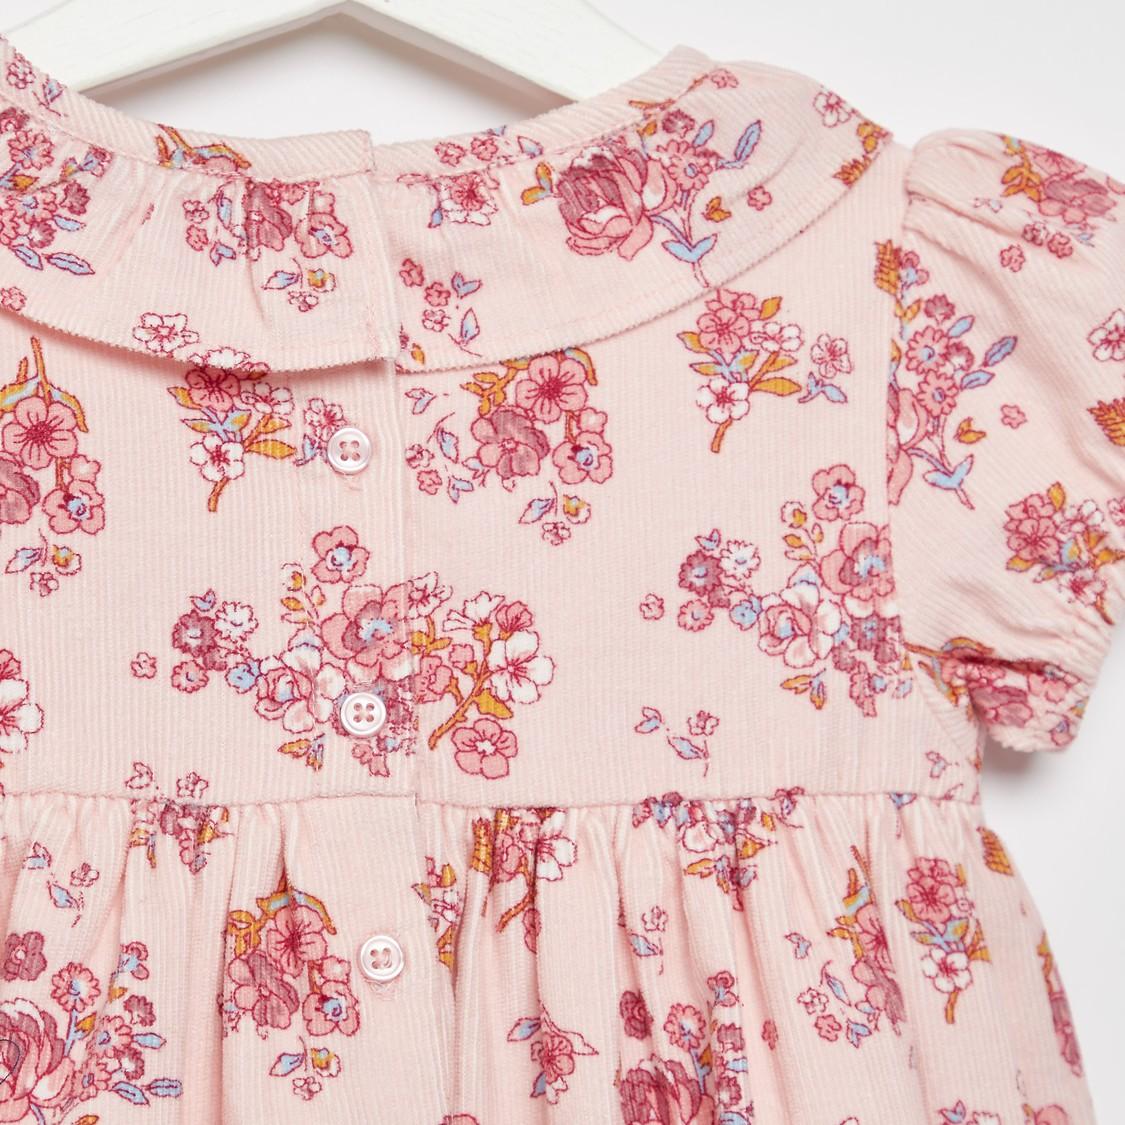 فستان بأكمام كاب و طبعات أزهار وتفاصيل كشكشة